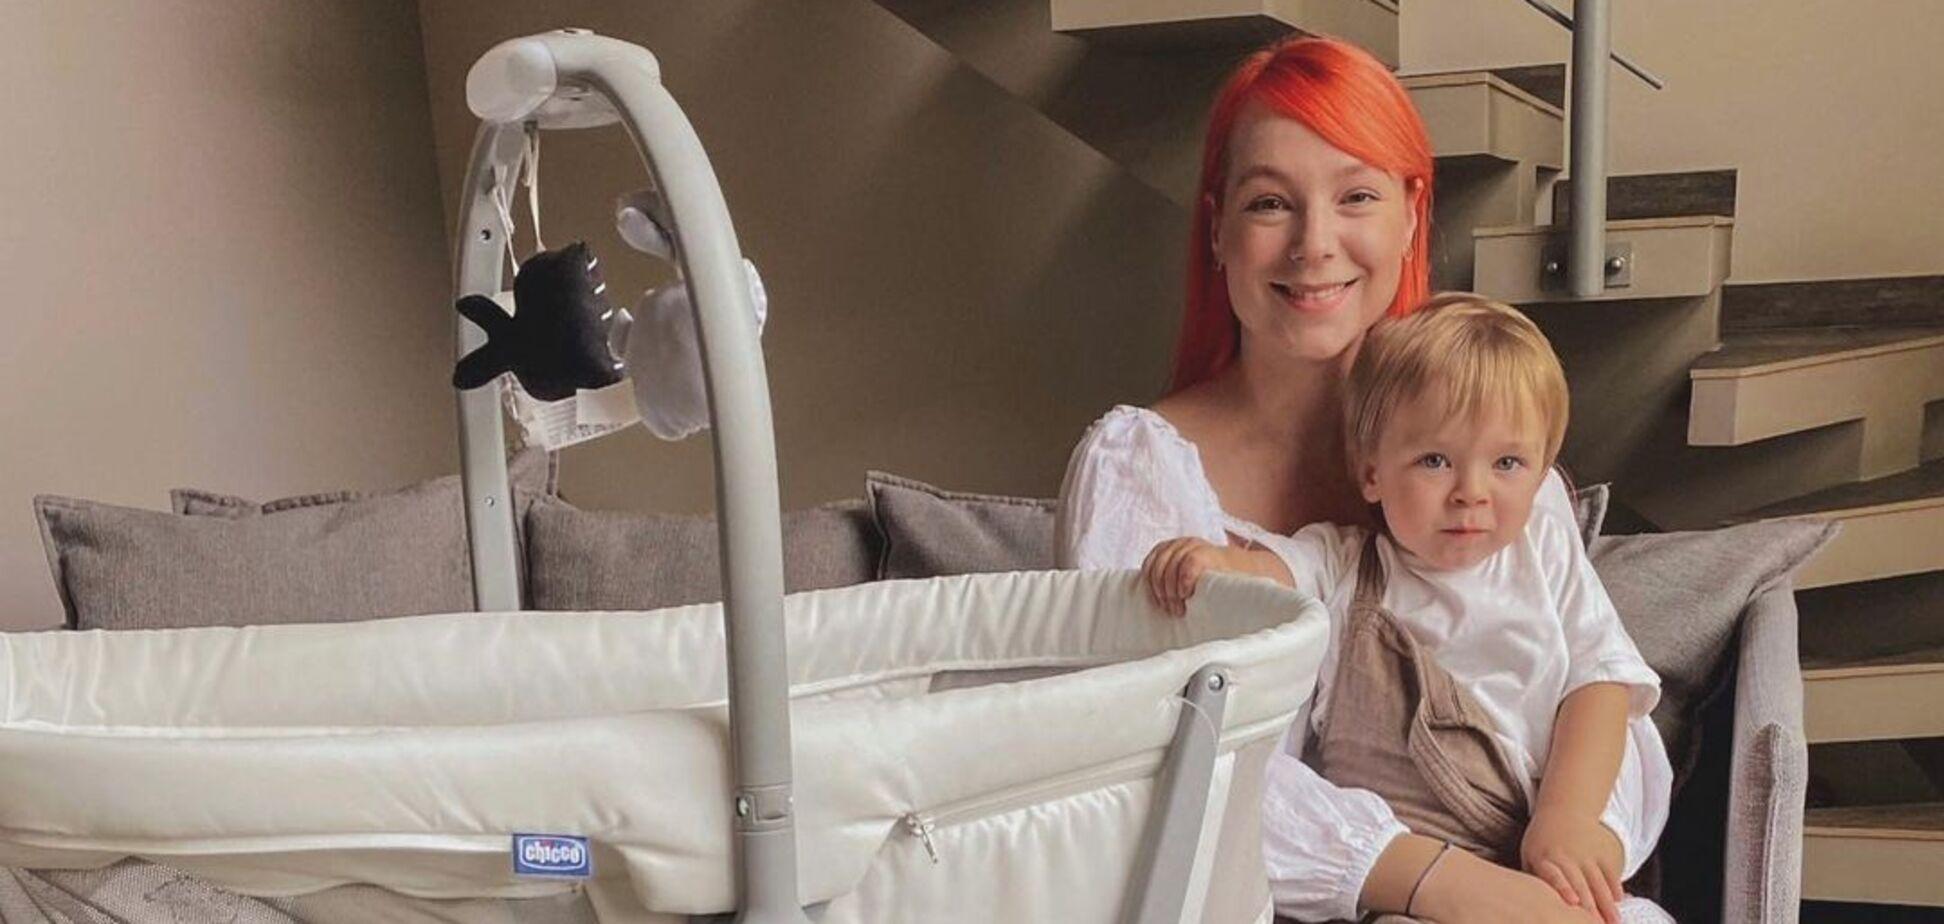 Тарабарова викликала захват у шанувальників фото з підрослою донькою